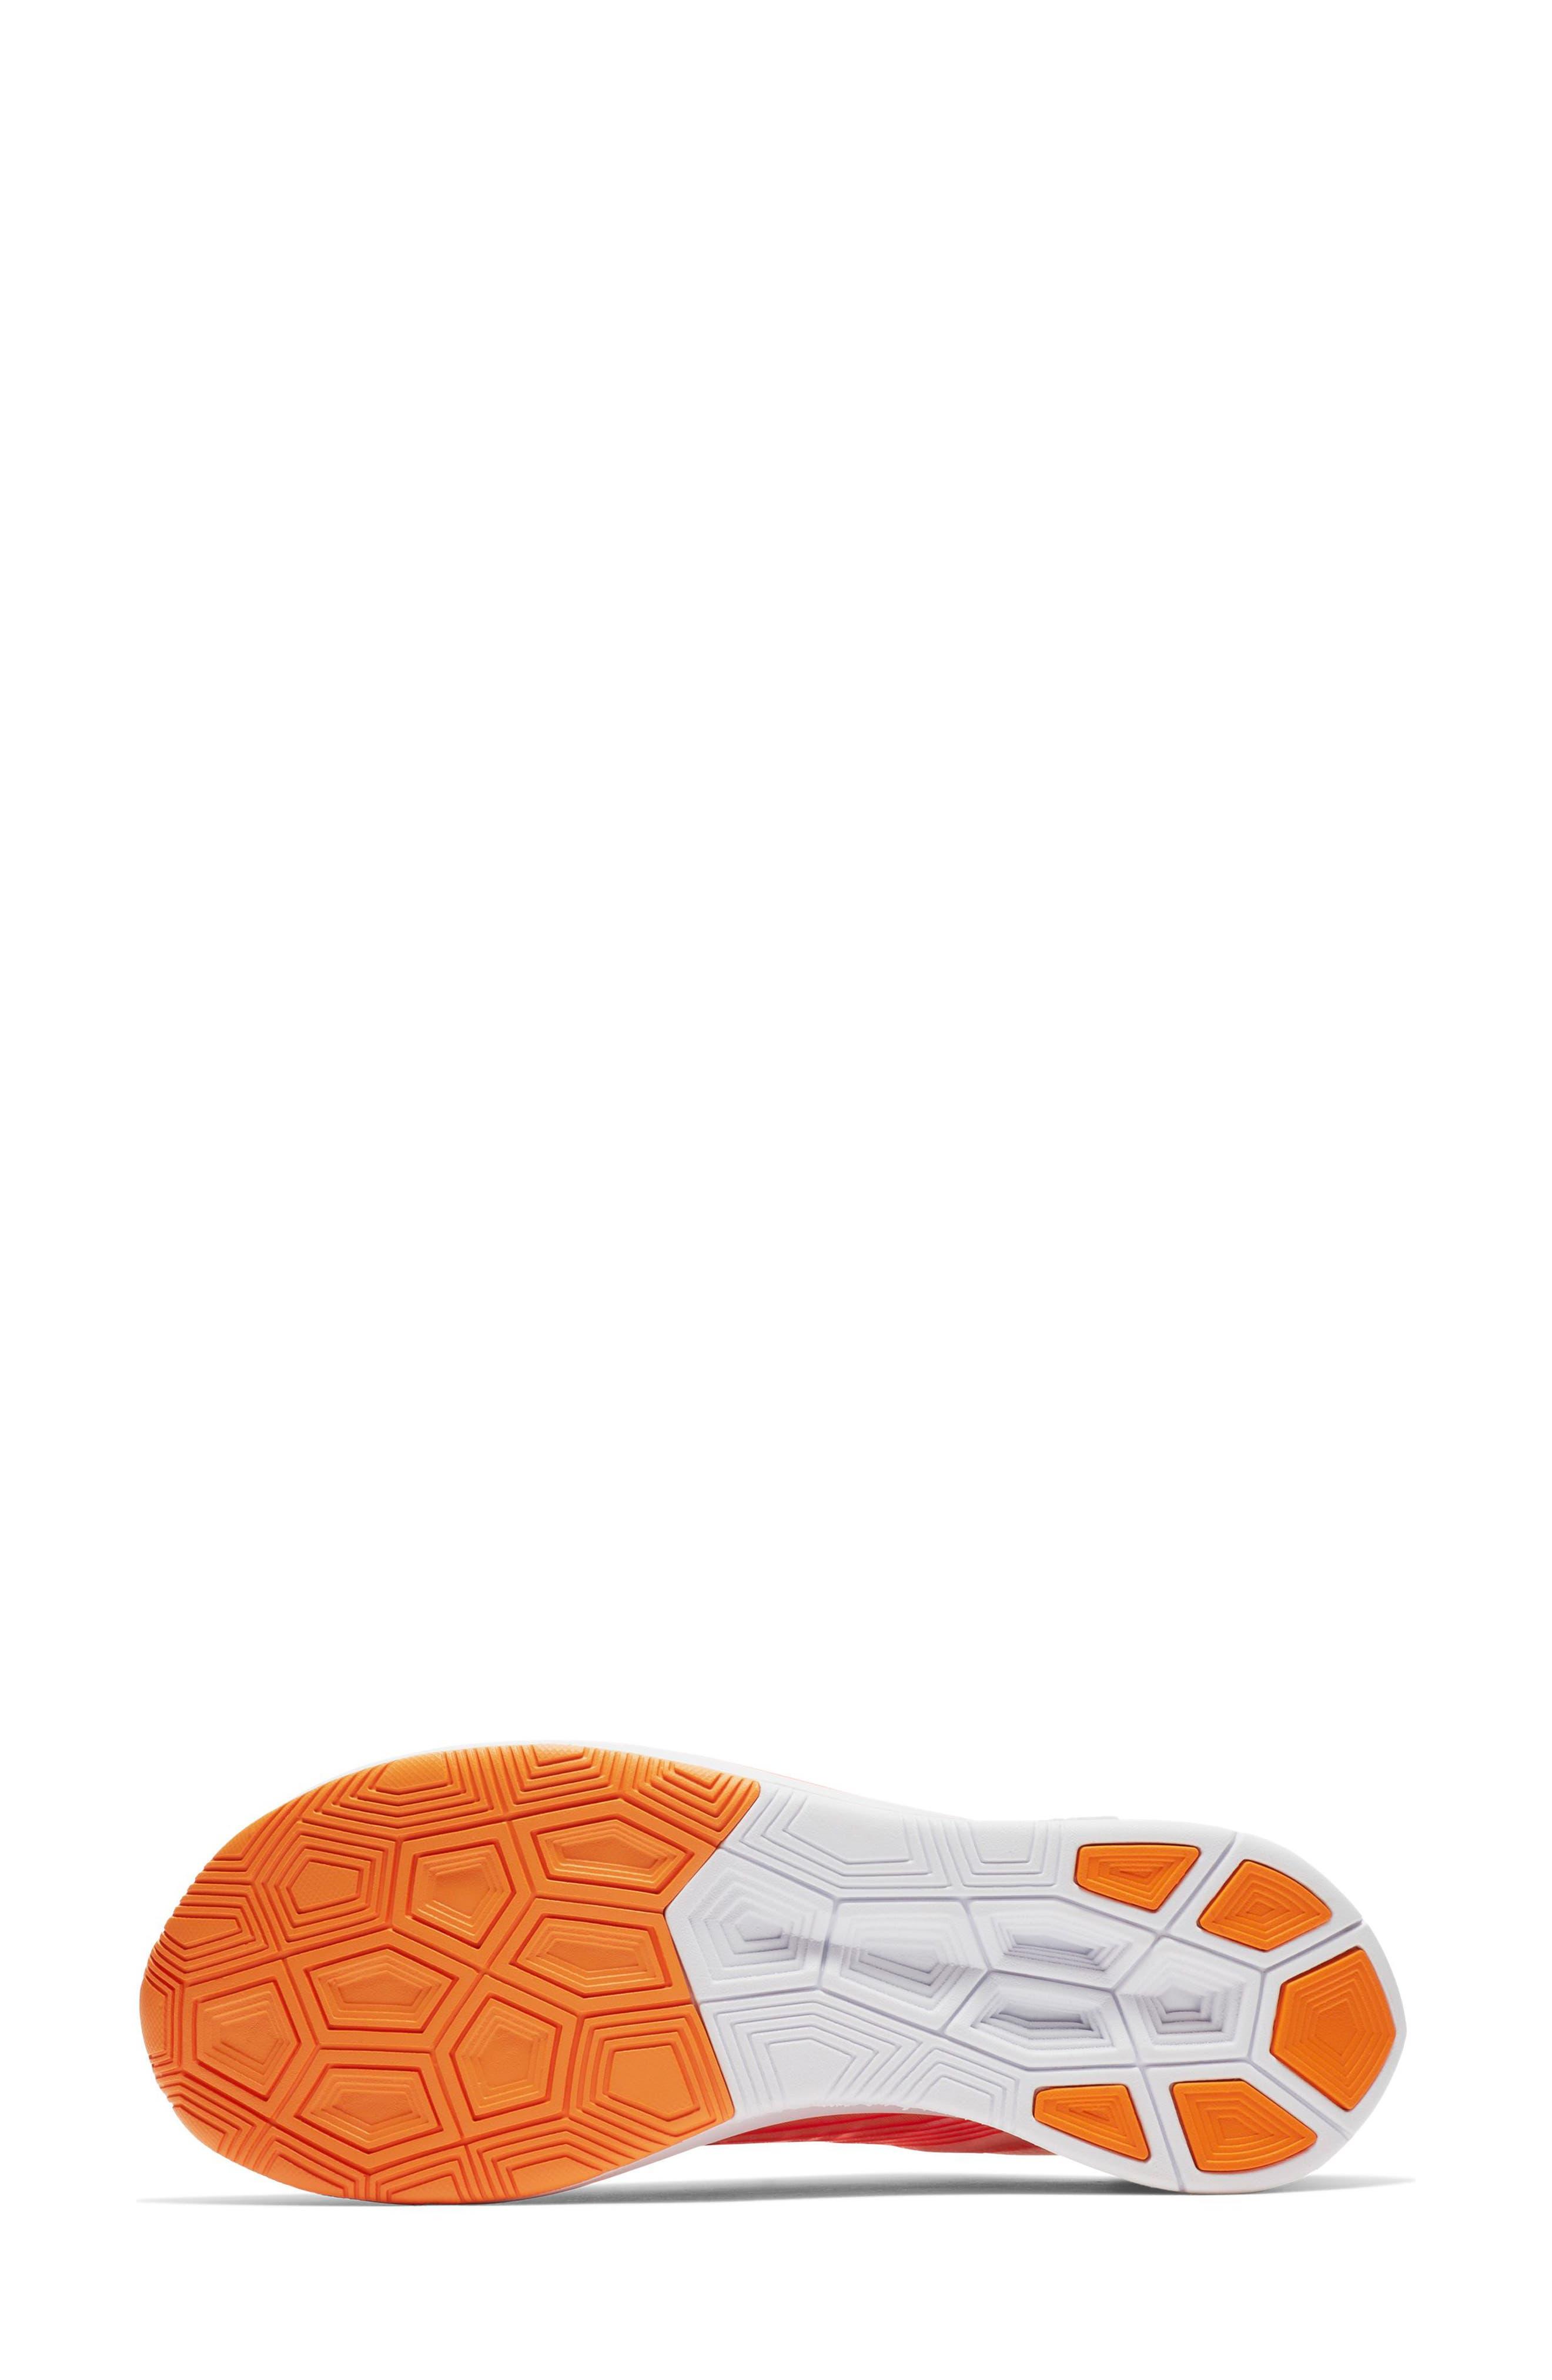 Zoom Fly SP Running Shoe,                             Alternate thumbnail 5, color,                             VARSITY RED/ BLACK/ WHITE